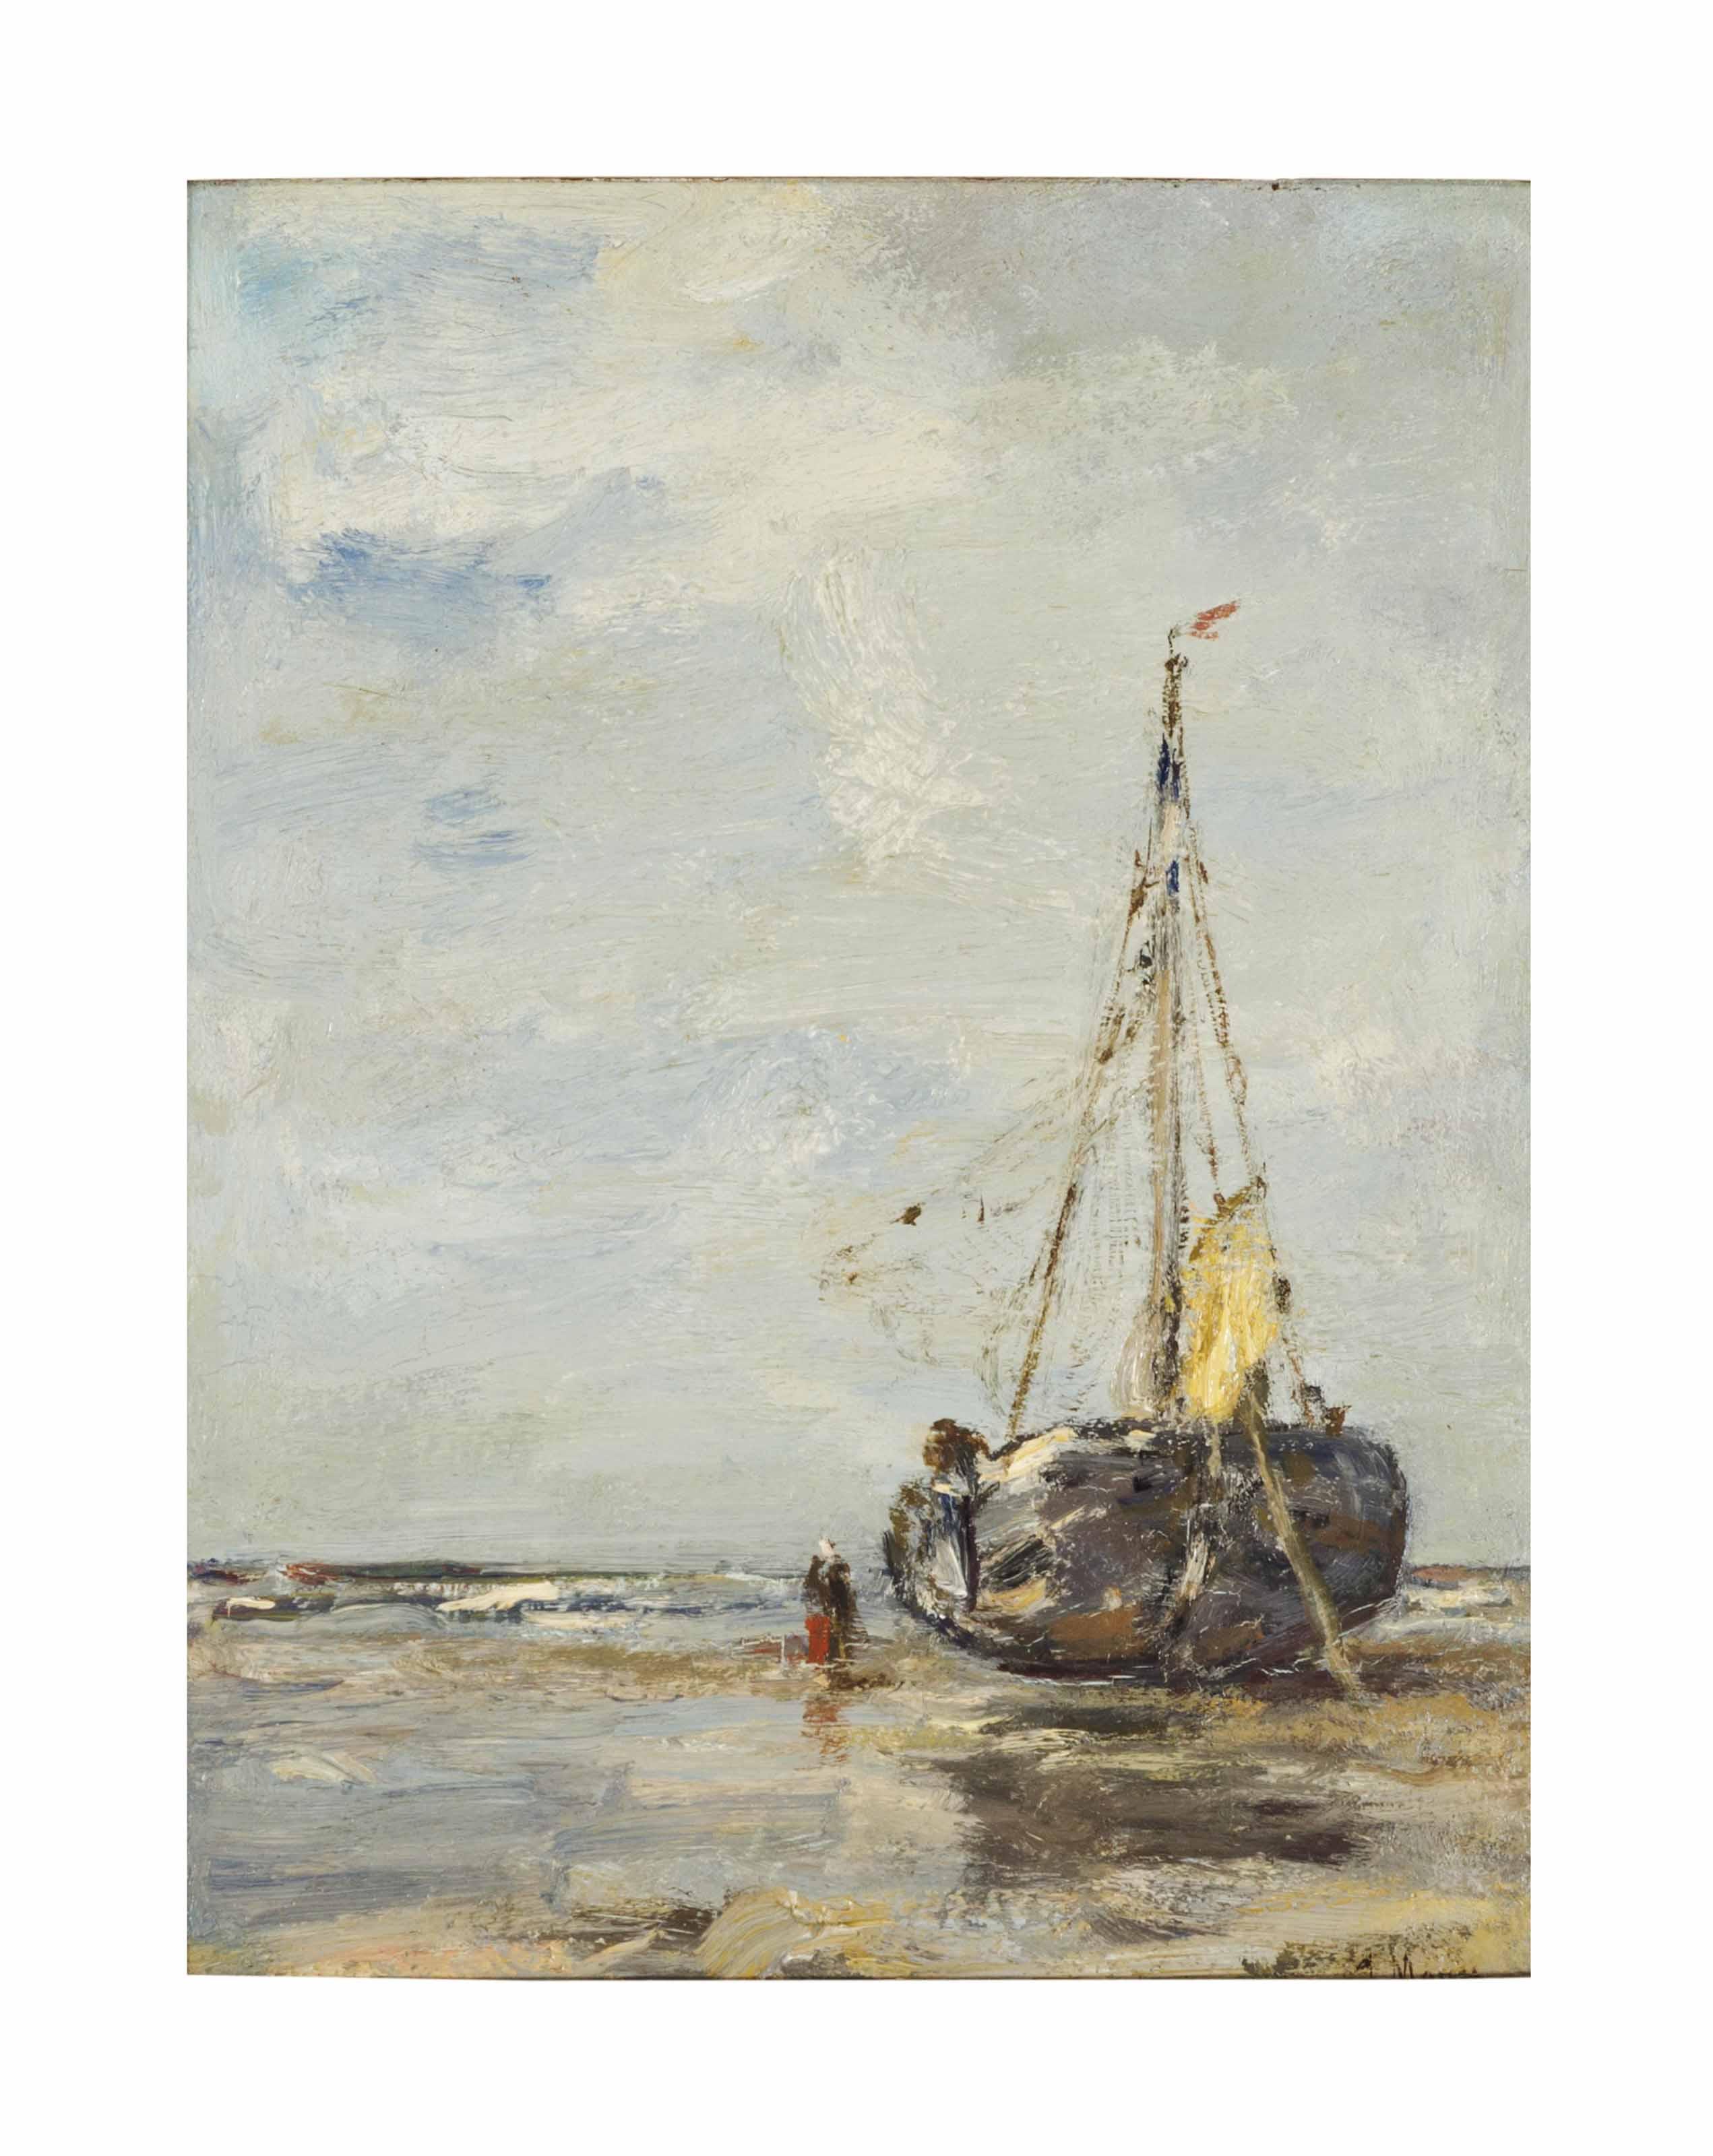 Jacob Henricus Maris (Dutch, 1